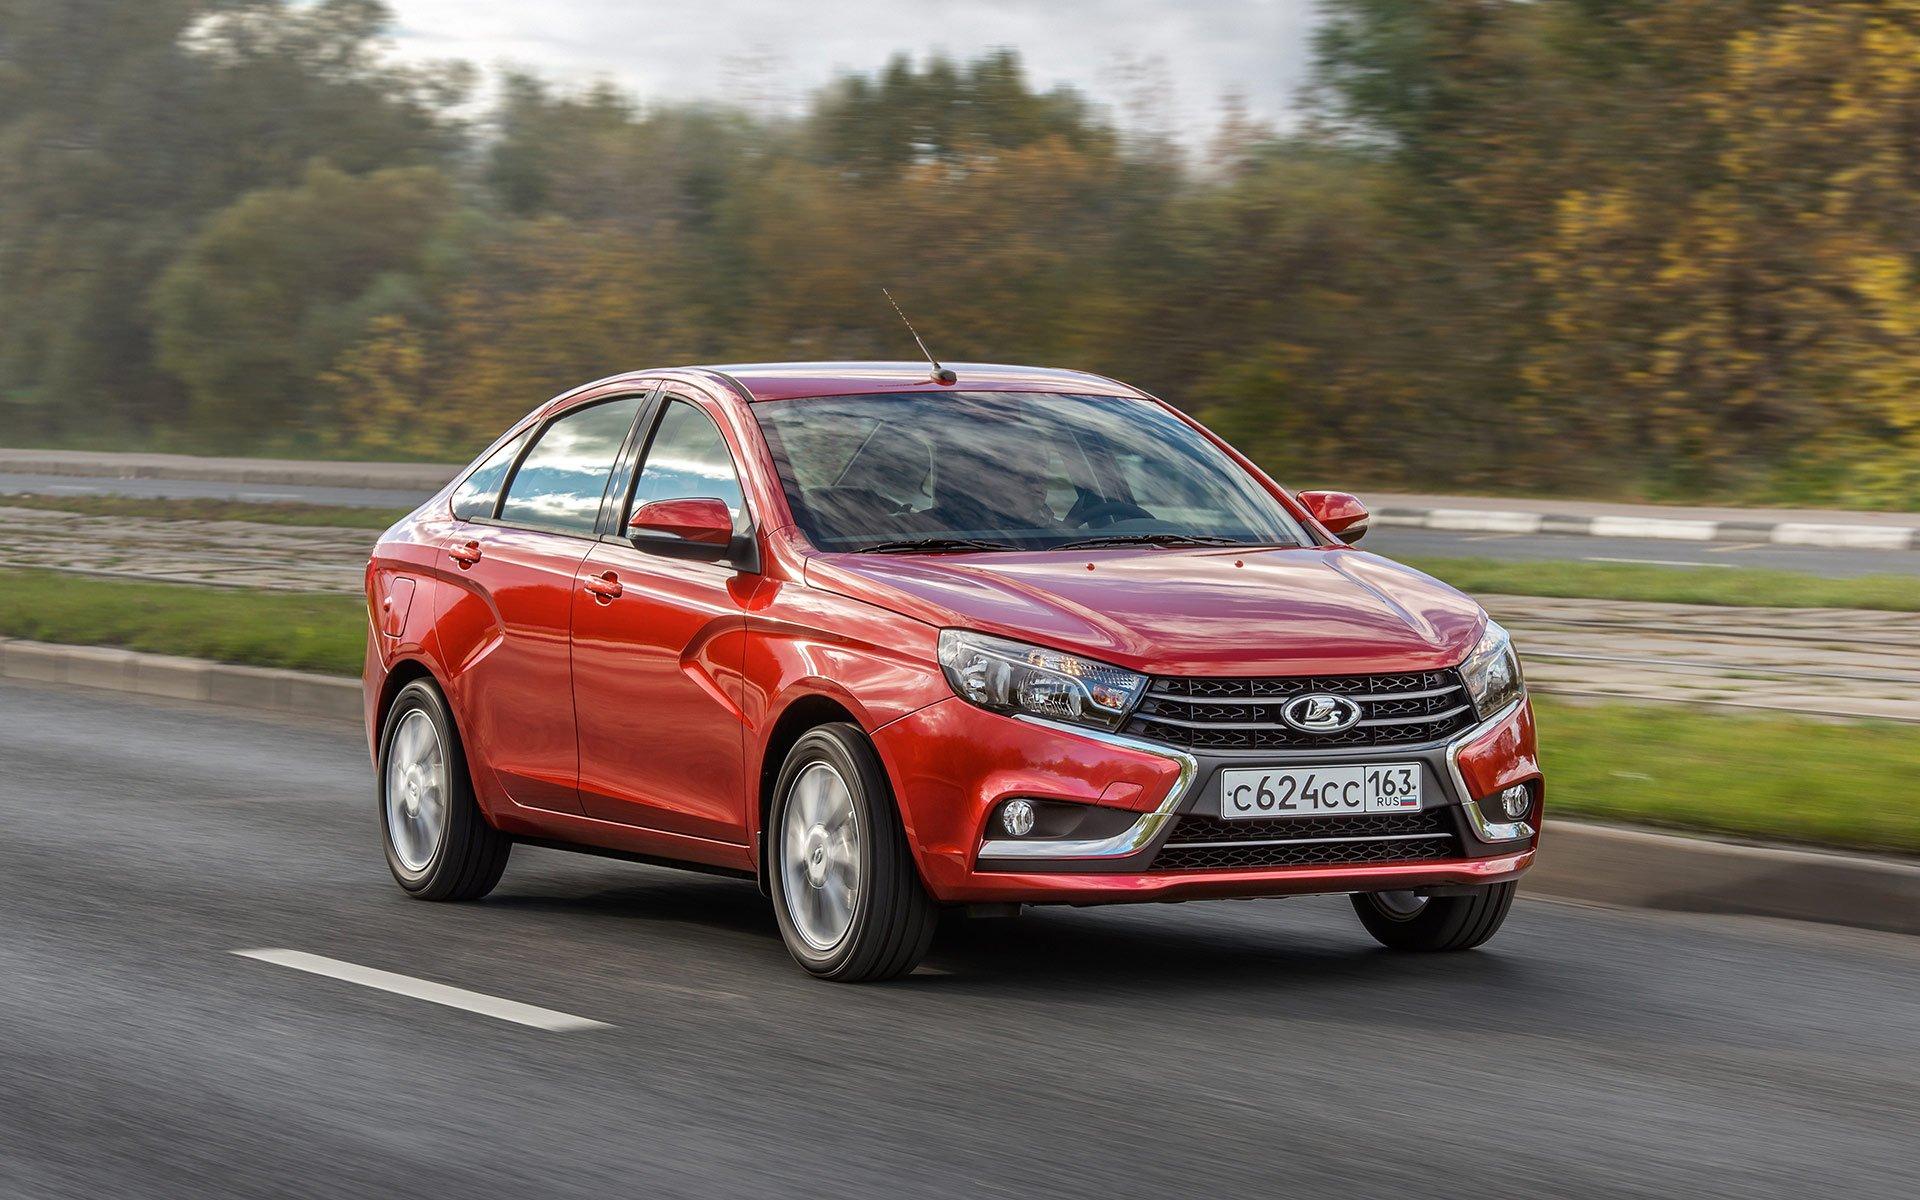 Стартовая стоимость автомобиля Лада впервый раз превысила 1 млн руб.